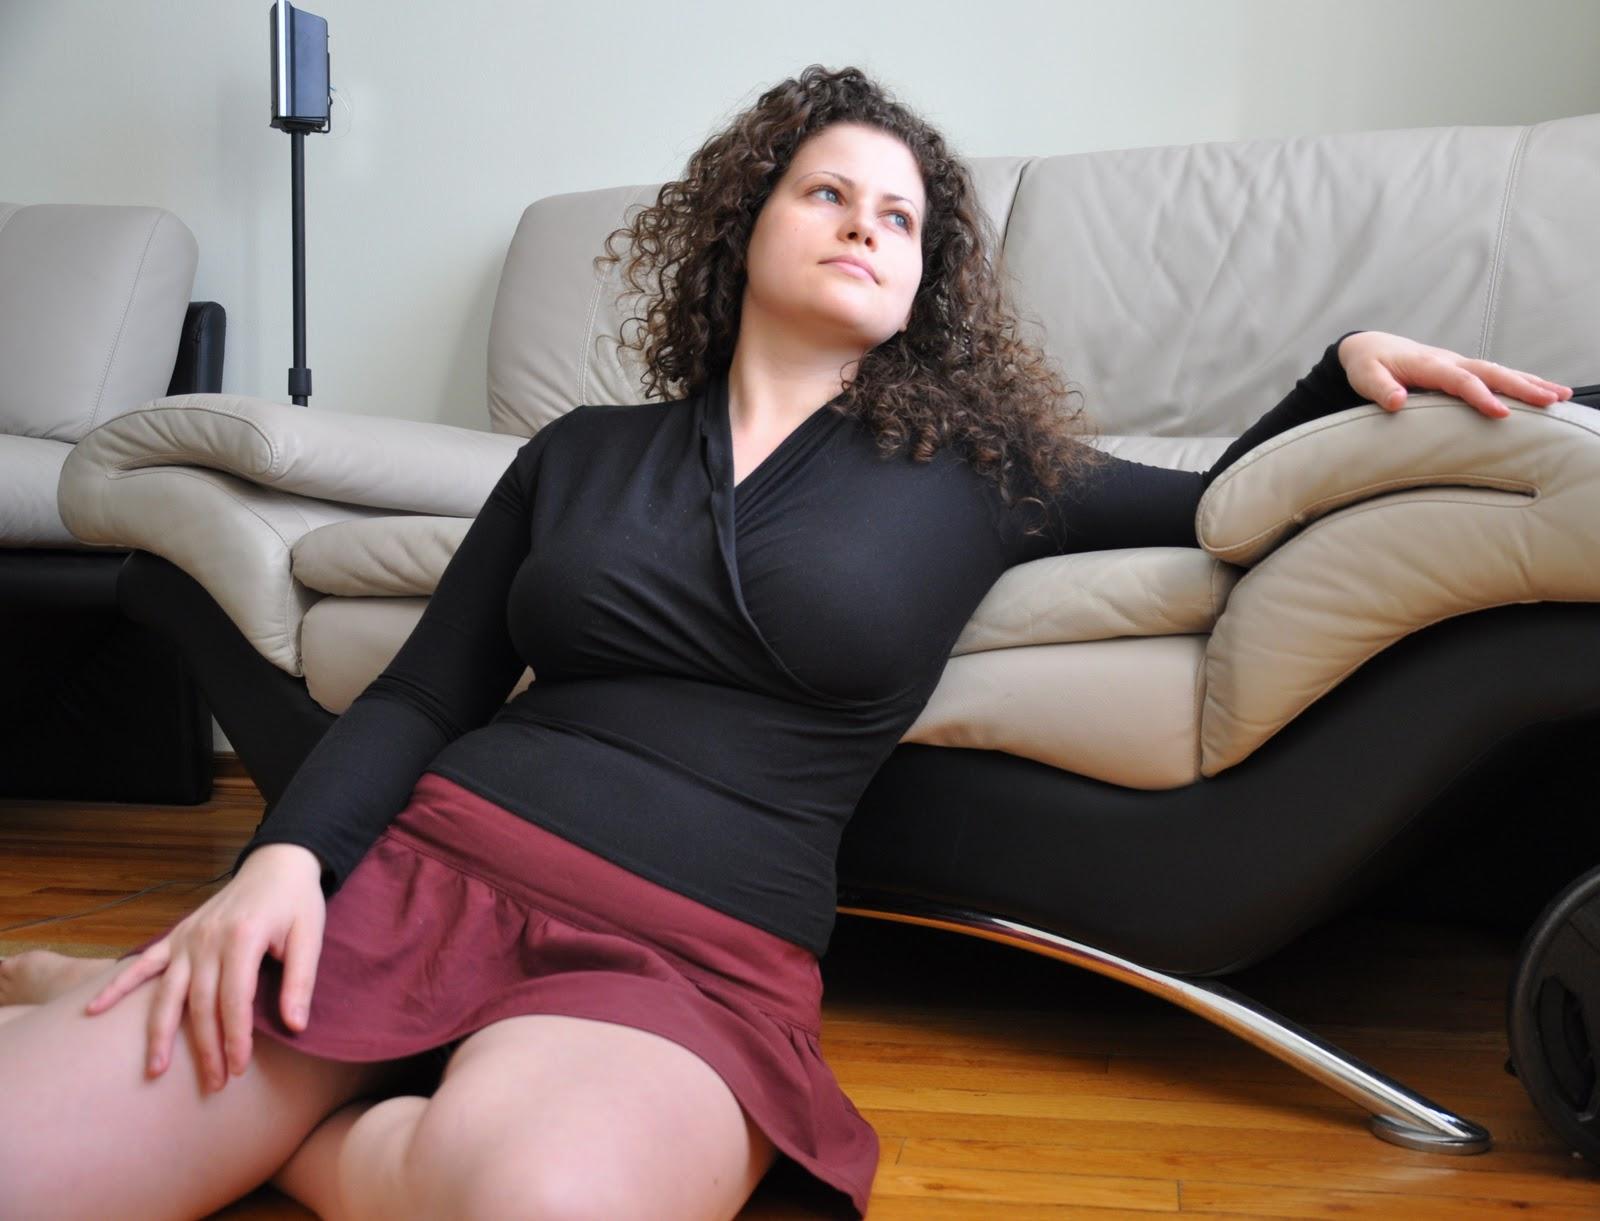 Толстушки в сексе фото, Голые толстушки на фото - девушки пышечки и толстые 2 фотография